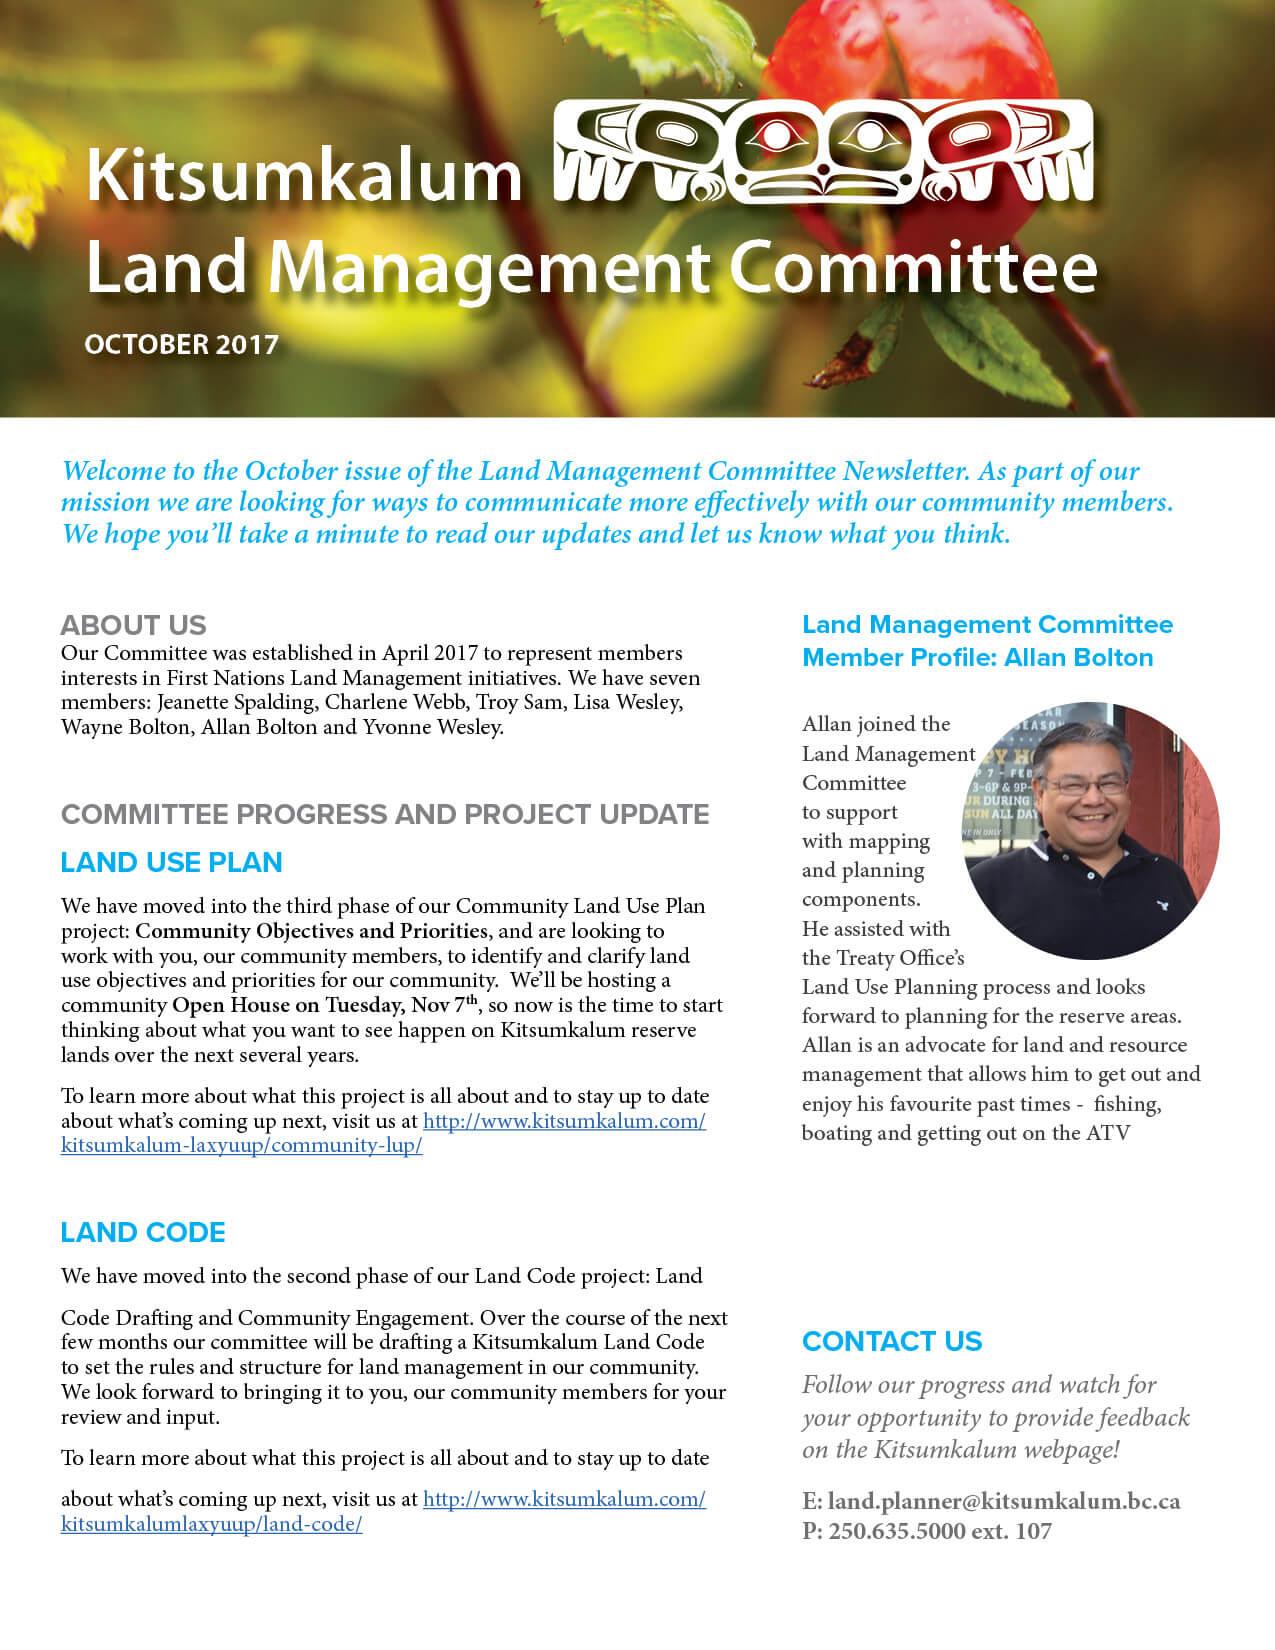 Kitsumkalum Land Management Committee Newsletter – October 2017